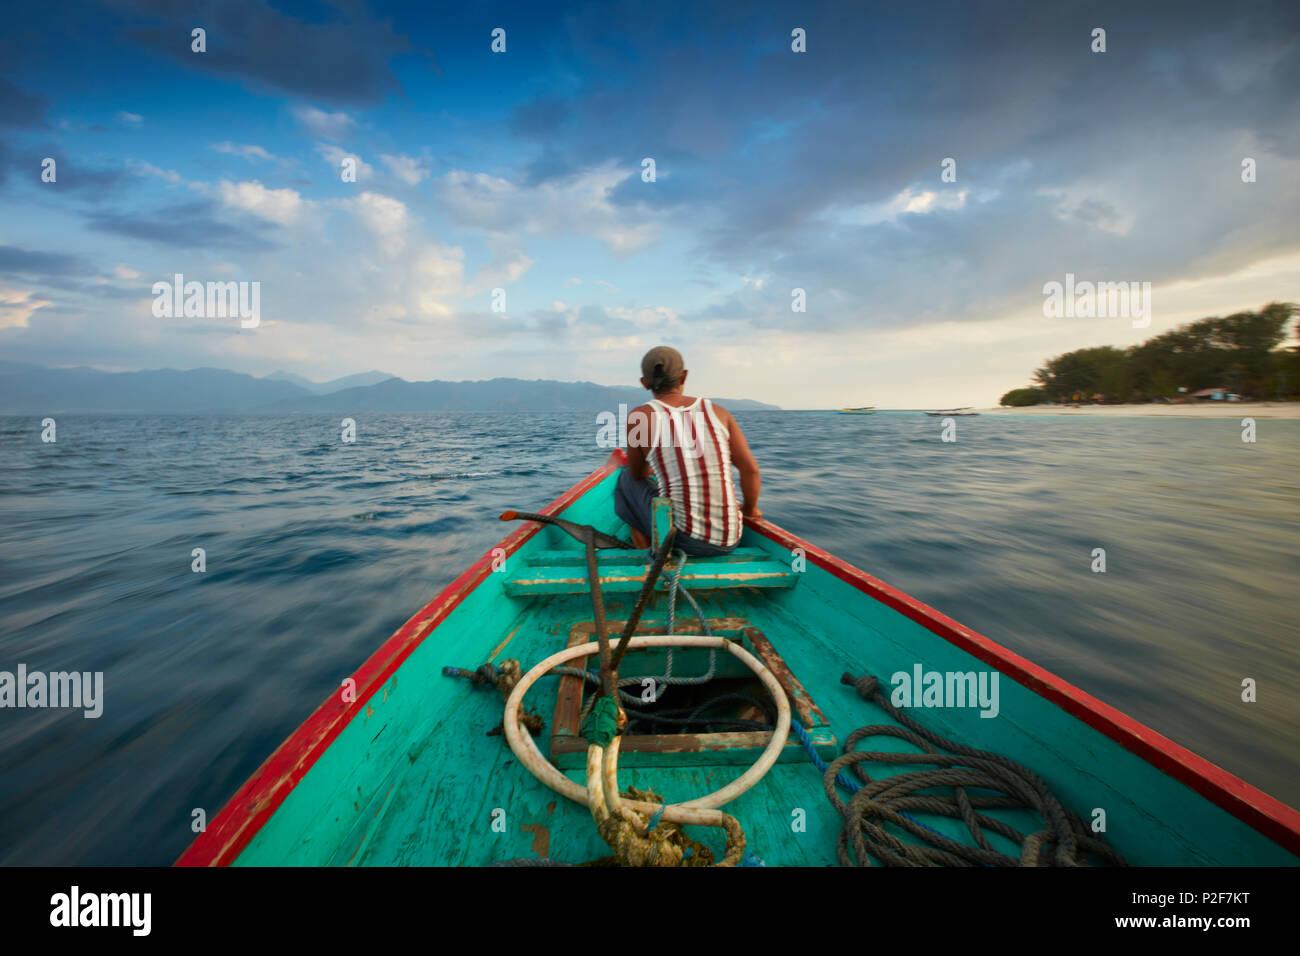 El pescador, el viaje en barco entre las Islas Gili Trawangan, Lombok, Indonesia Imagen De Stock